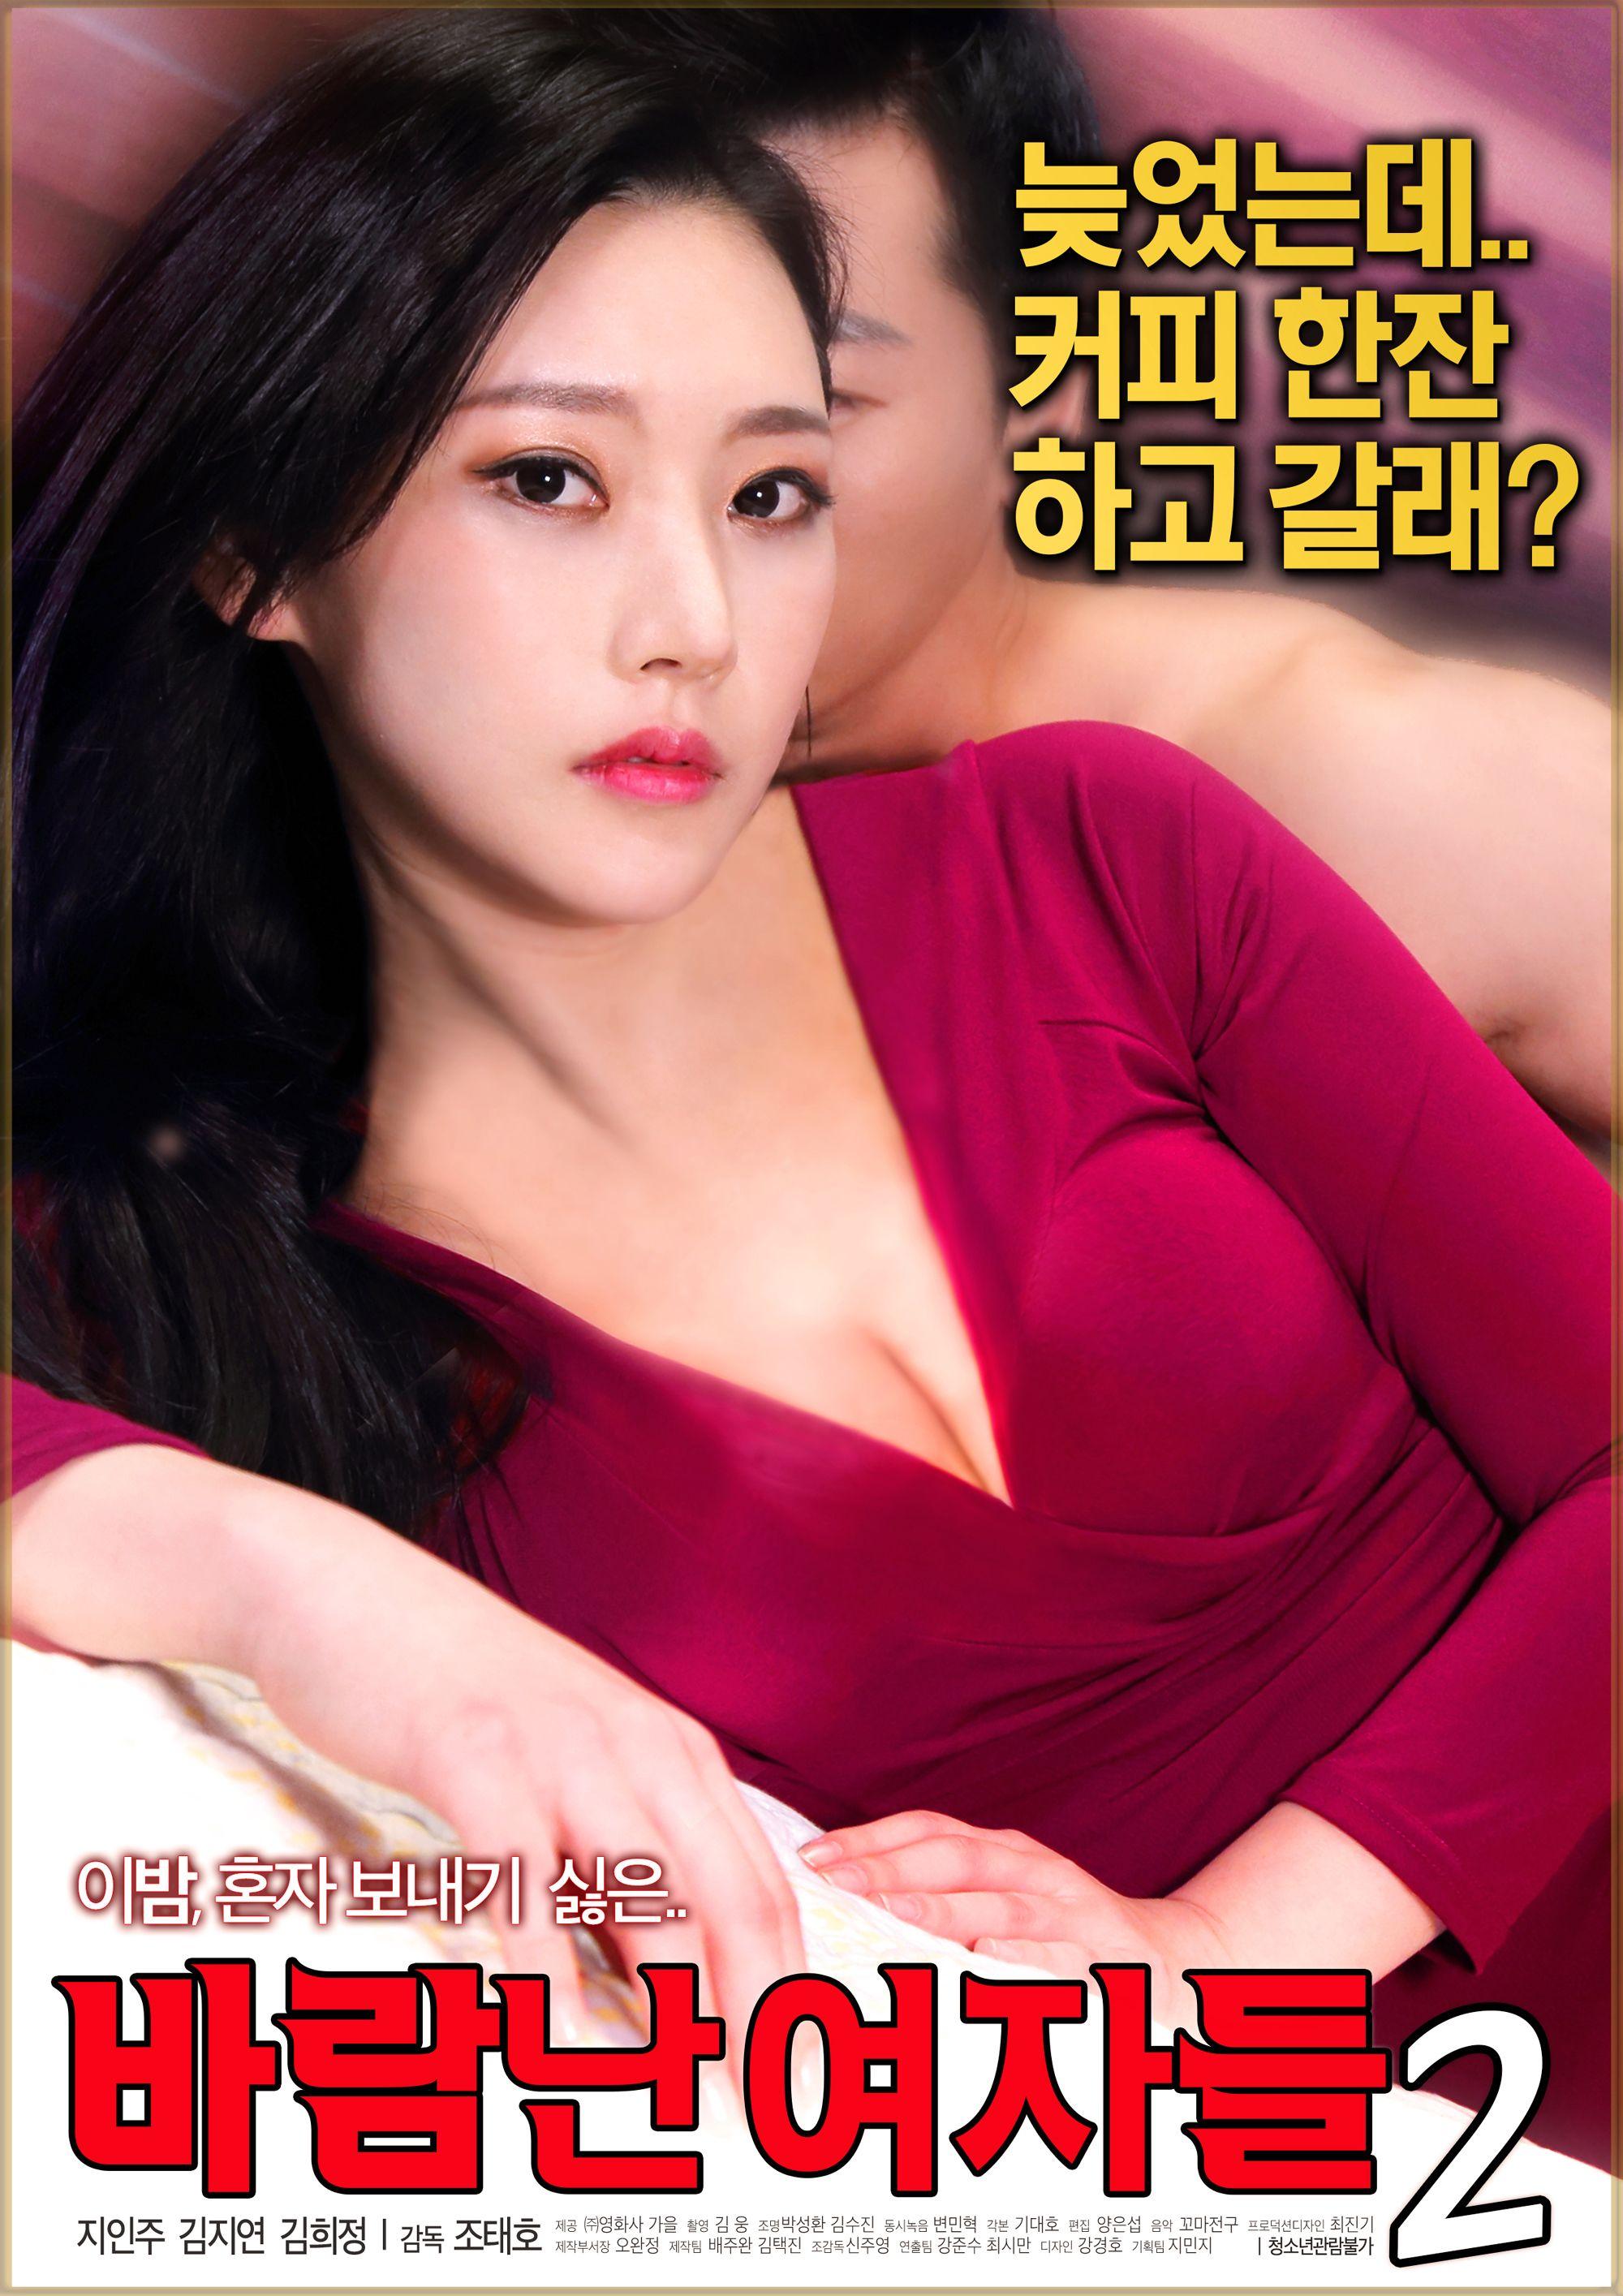 Loose Women 2 2018 Full Movies Di 2020 Film Romantis Film Baru